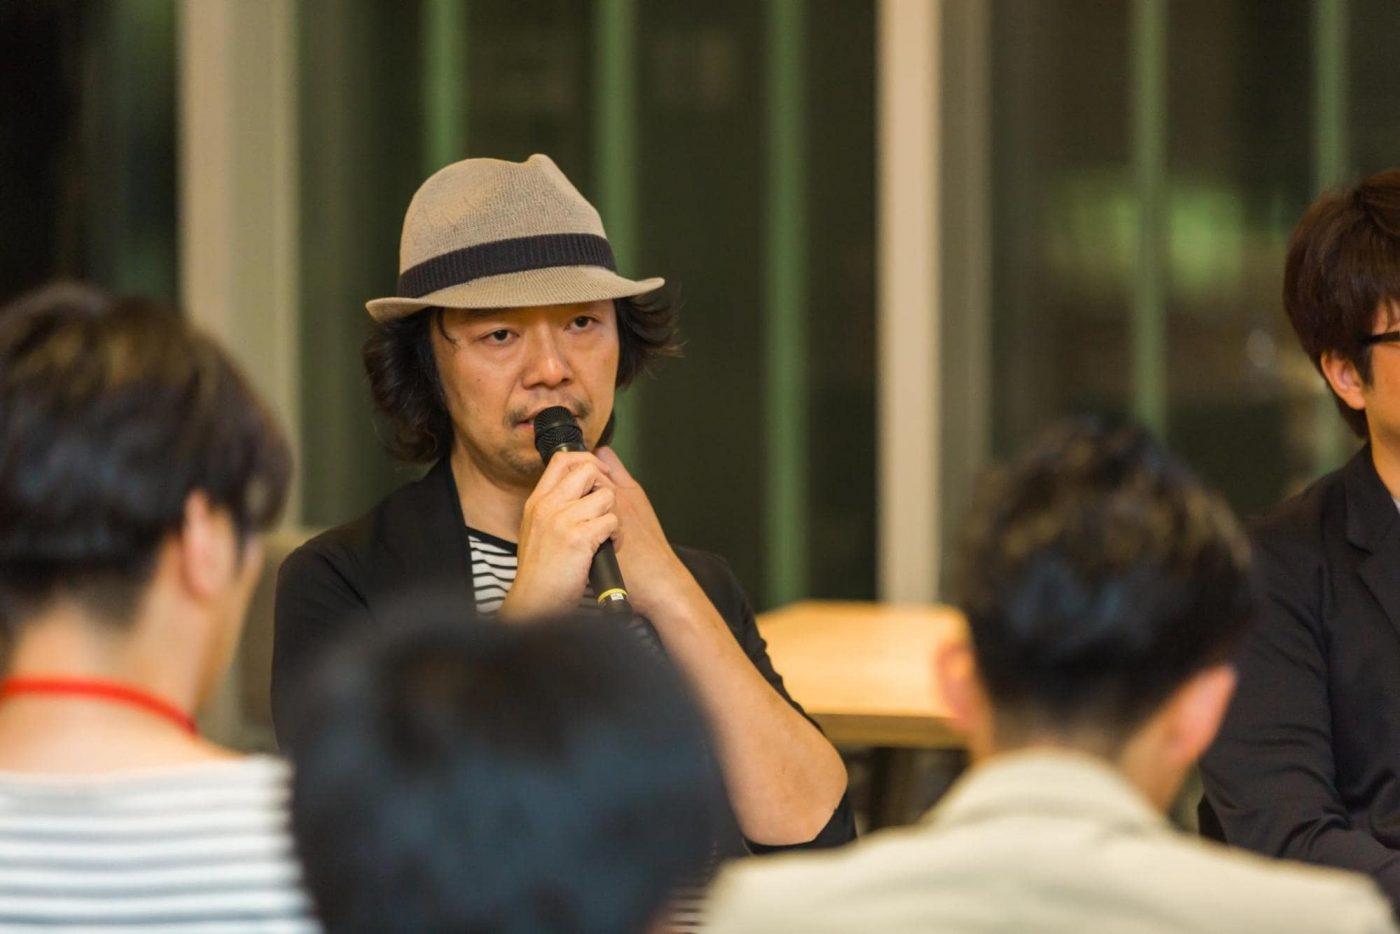 ■椎野孝弘 Kyash CTO 米国セント・マイケルズ大学経営修士課程修了。2社のExitを経て、株式会社コミュニティファクトリーに取締役CTOとして参画。 ヤフーへ売却後、ヤフー社モバイル戦略責任者に就任。その後、BCG Digital Ventures Tokyo Region CTO、株式会社FOLIOの取締役CTOを経て2019年1月より現職。